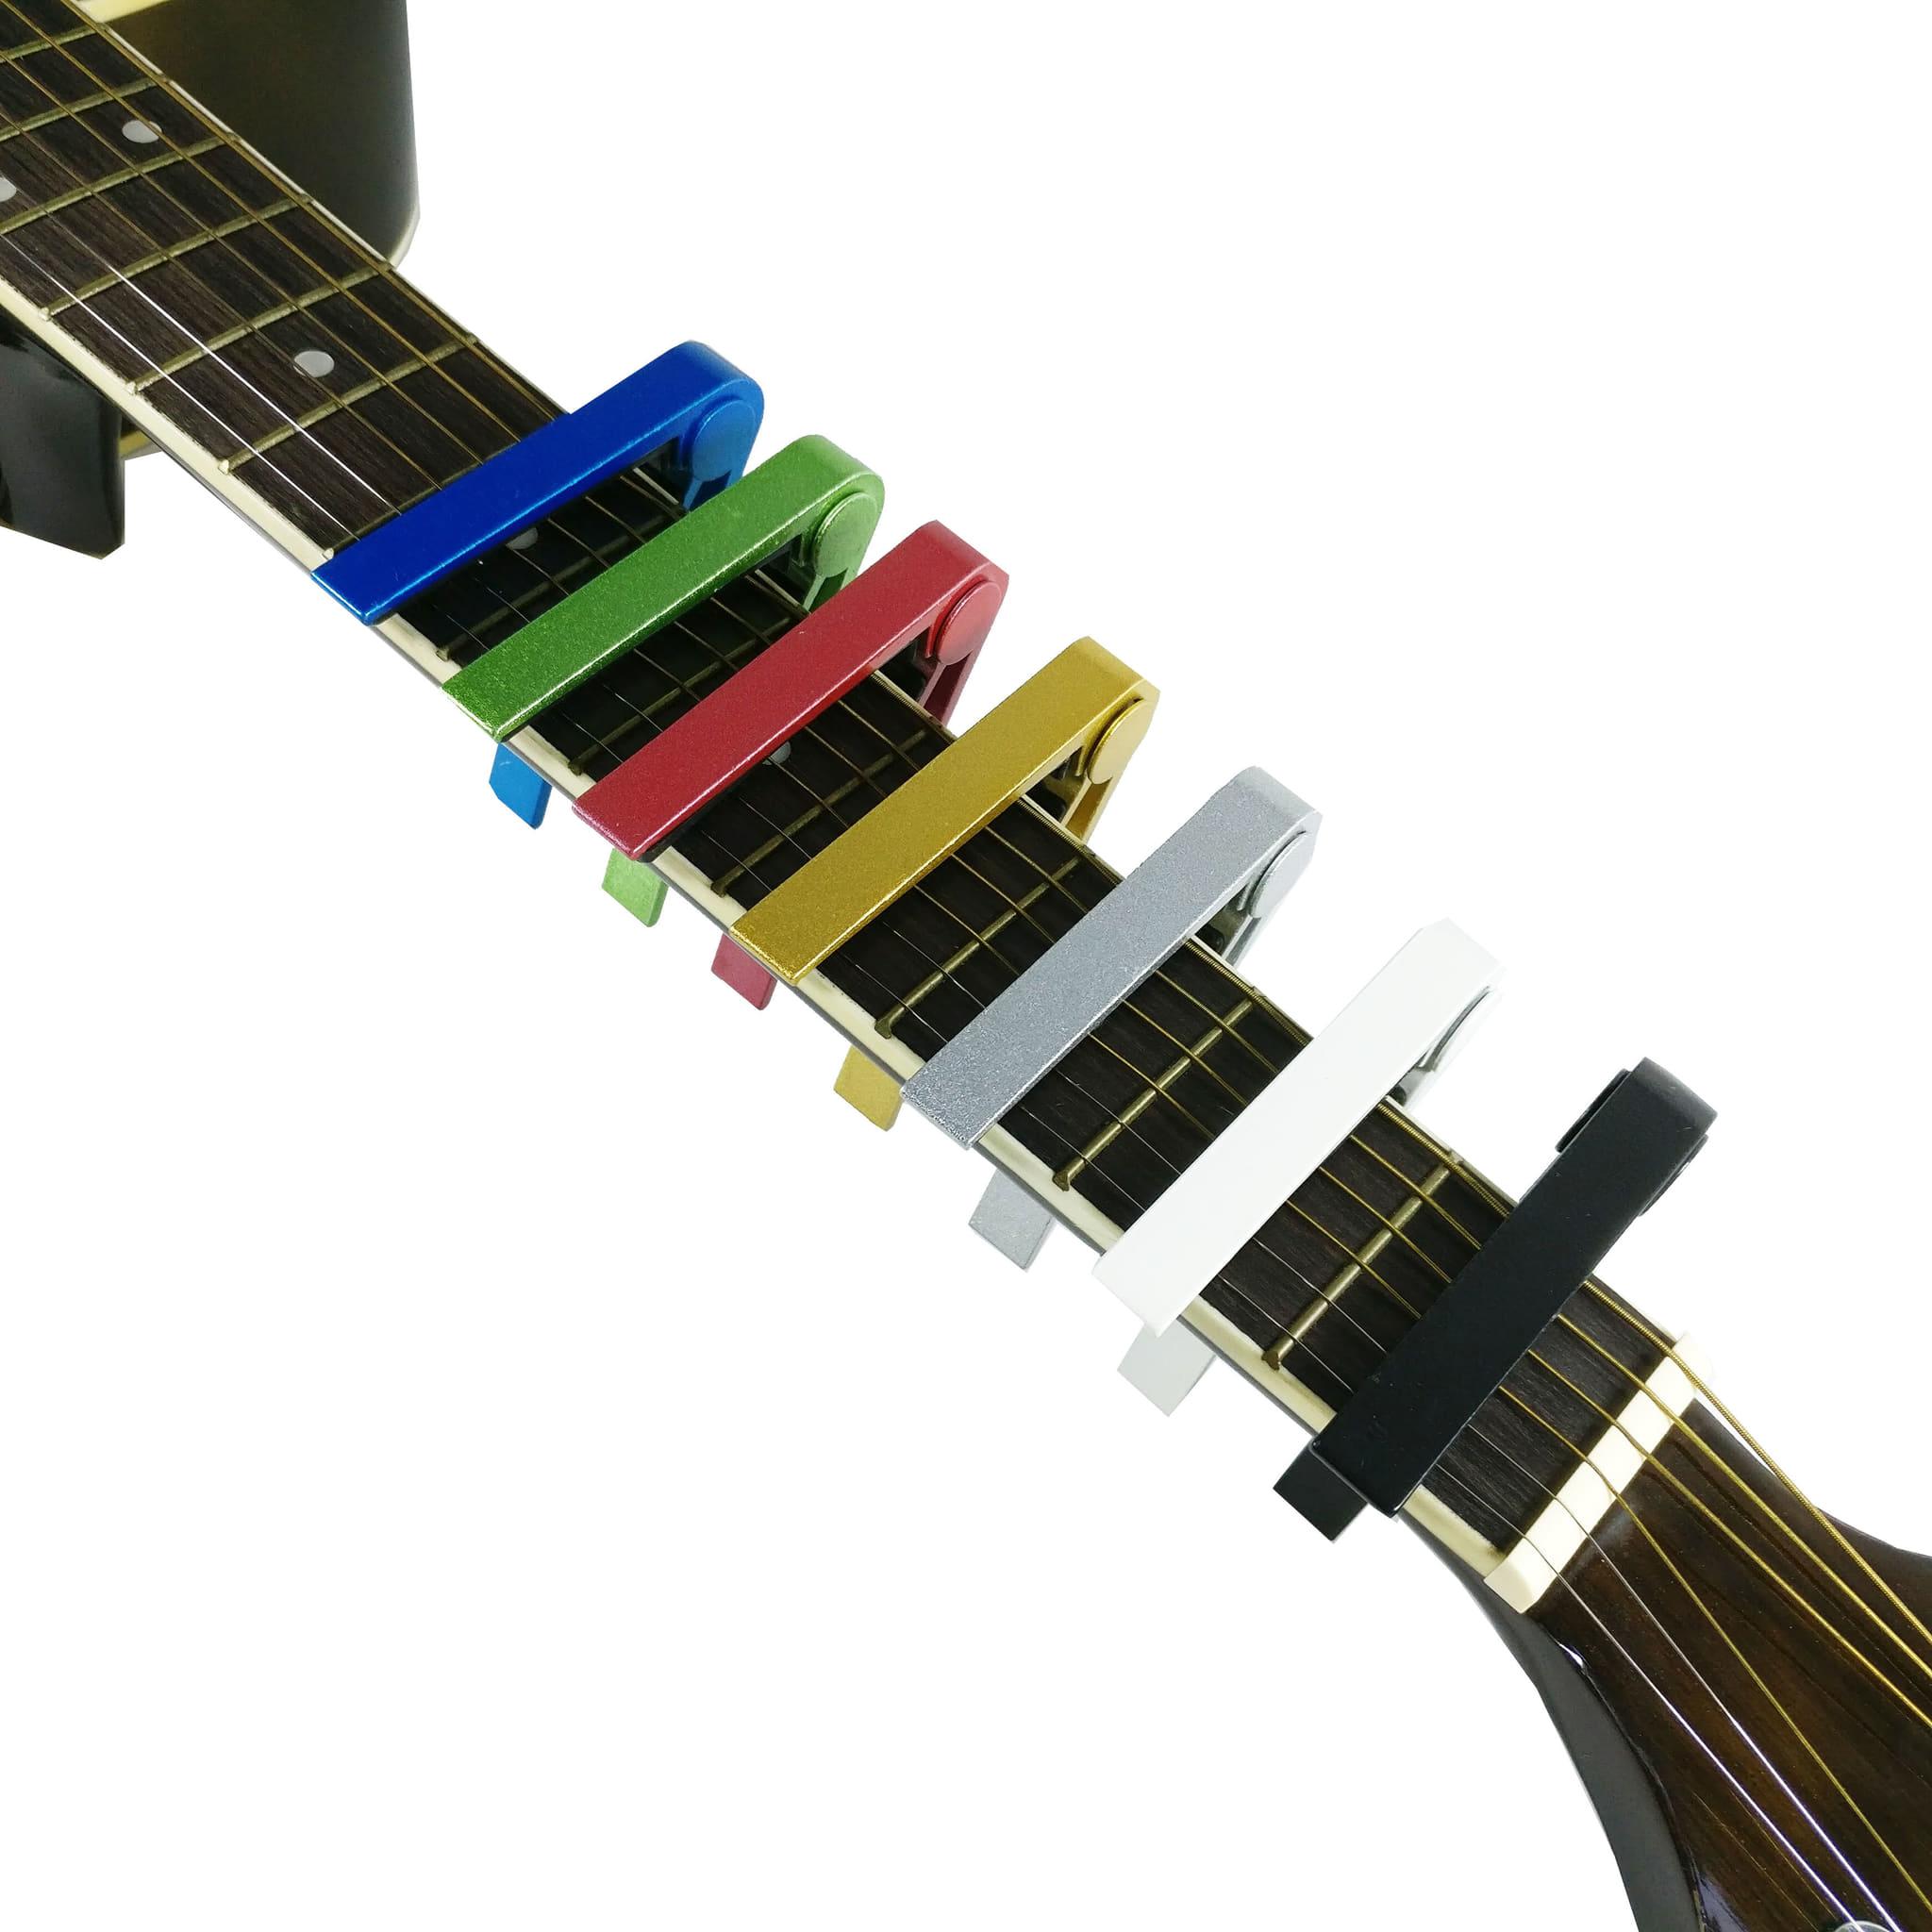 Oh Capo Gitar Untuk Akustik Dan Eletrik Warna Perak Daftar Cort Elektrik Sfx Me Op 402000734 Impor Berkualitas Rock You Cp 591 Ukulele